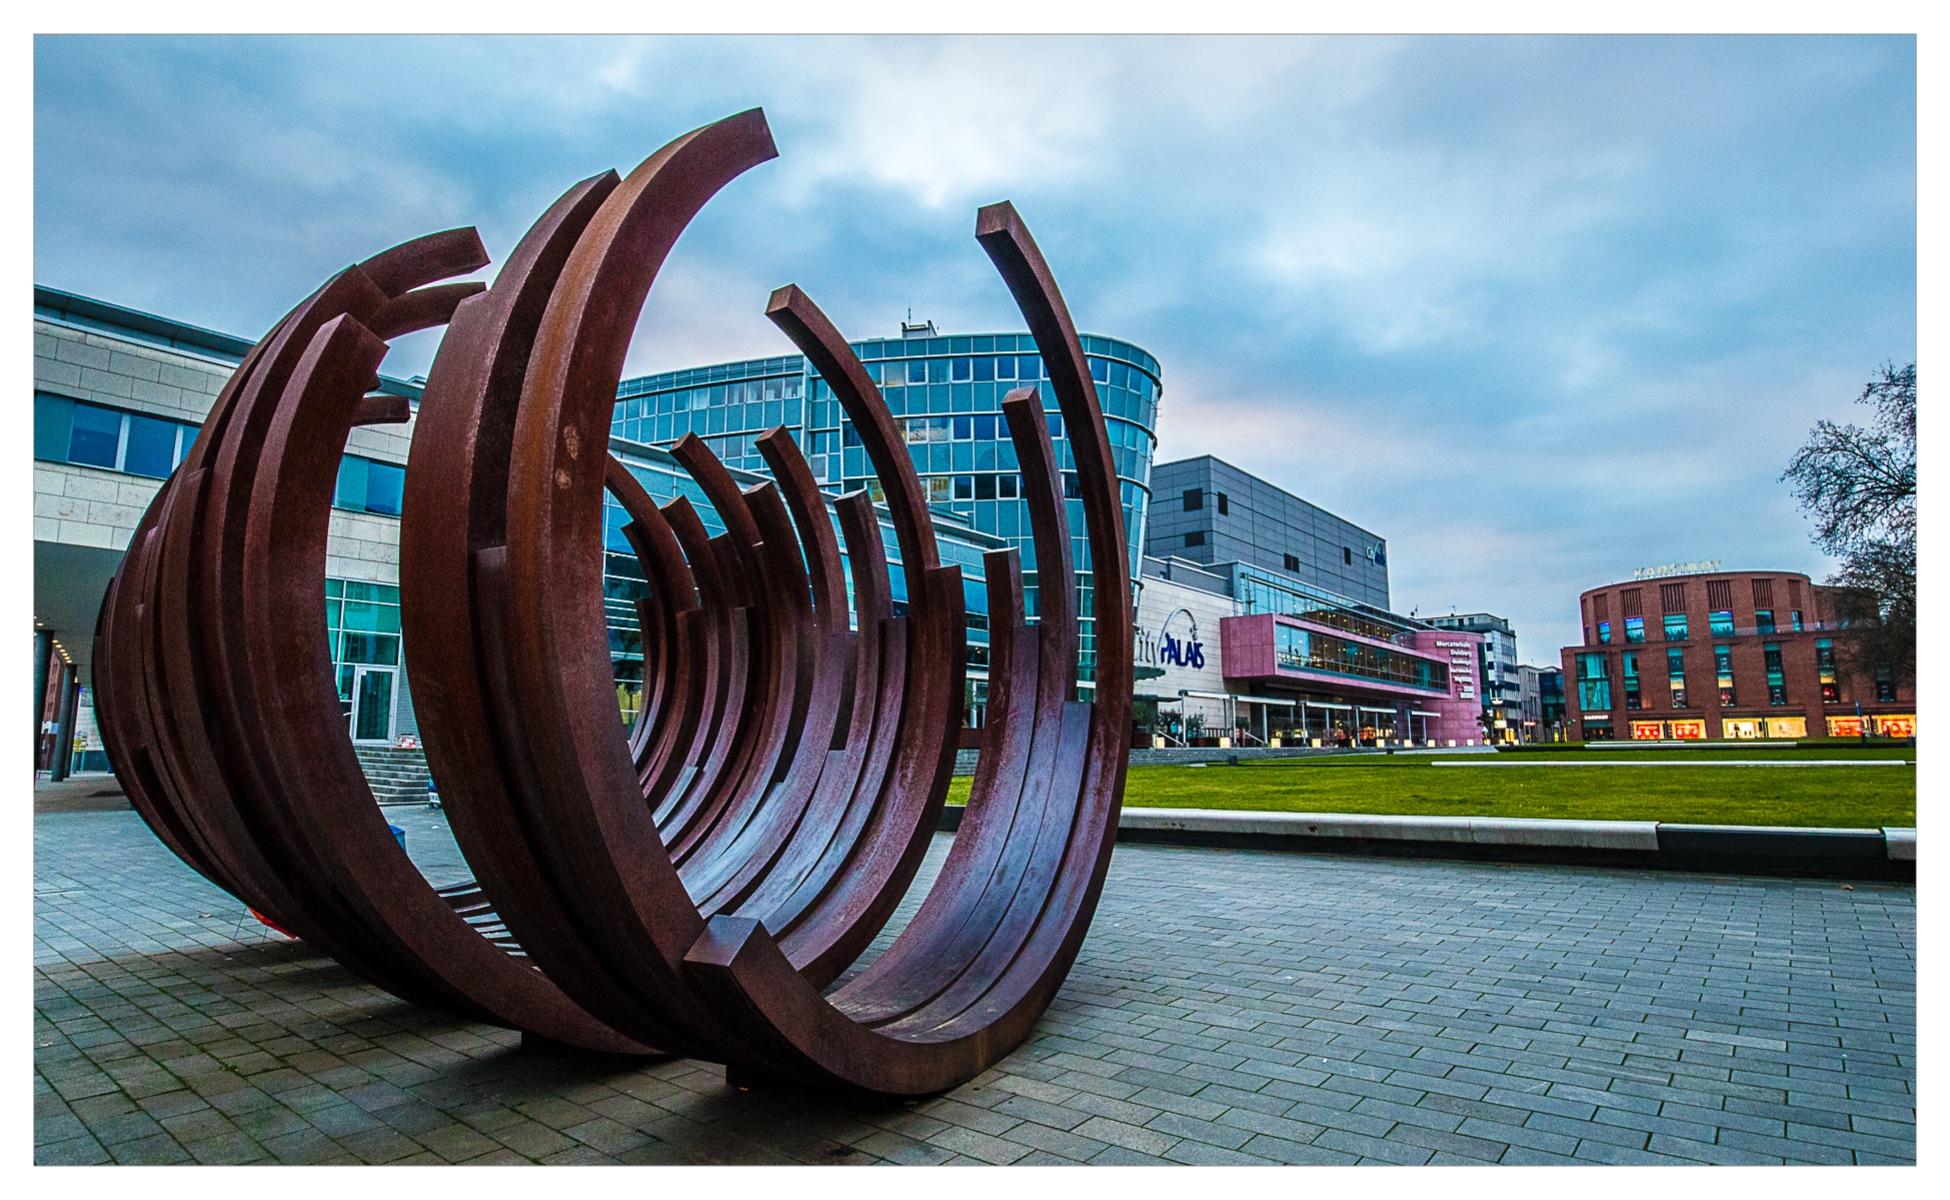 Duisburg City Center by faizalmoidu